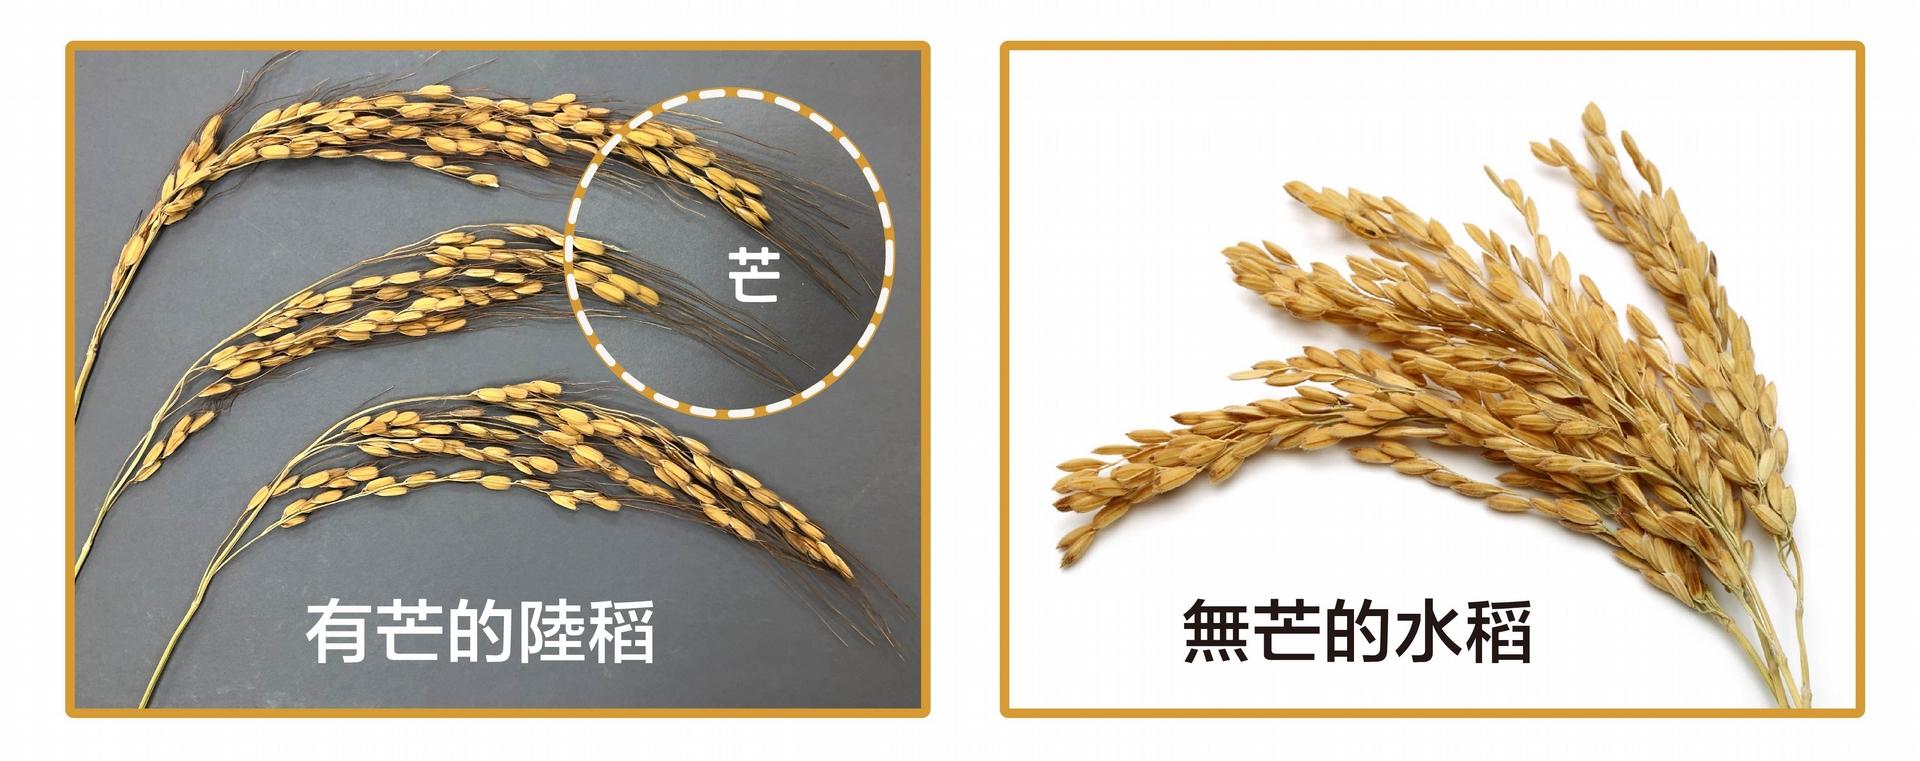 有芒的陸稻 (左圖) 與無芒的水稻 (右圖)。什麼是馴化?人類以稻米為糧食,會選擇顆粒大的、產量多的、方便採收的稻子,久而久之,稻子的性狀就會被馴化–趨向於人類所喜好的特性,像是米粒變得大而飽滿、穀粒不具有芒、不容易落粒、植株直立而不倒伏等等。野生陸稻多有稻芒,主要的功用是防止鳥兒啄食稻穀,還可幫助穀粒落地或附著在動物身上,以便傳播。不過,有芒的稻子收割和儲藏就不方便了。我們現在栽種的水稻,經過長期的馴化,穀粒上都沒有「芒」了。 攝影│林洵安 (左圖) 圖片來源│iStock (右圖)